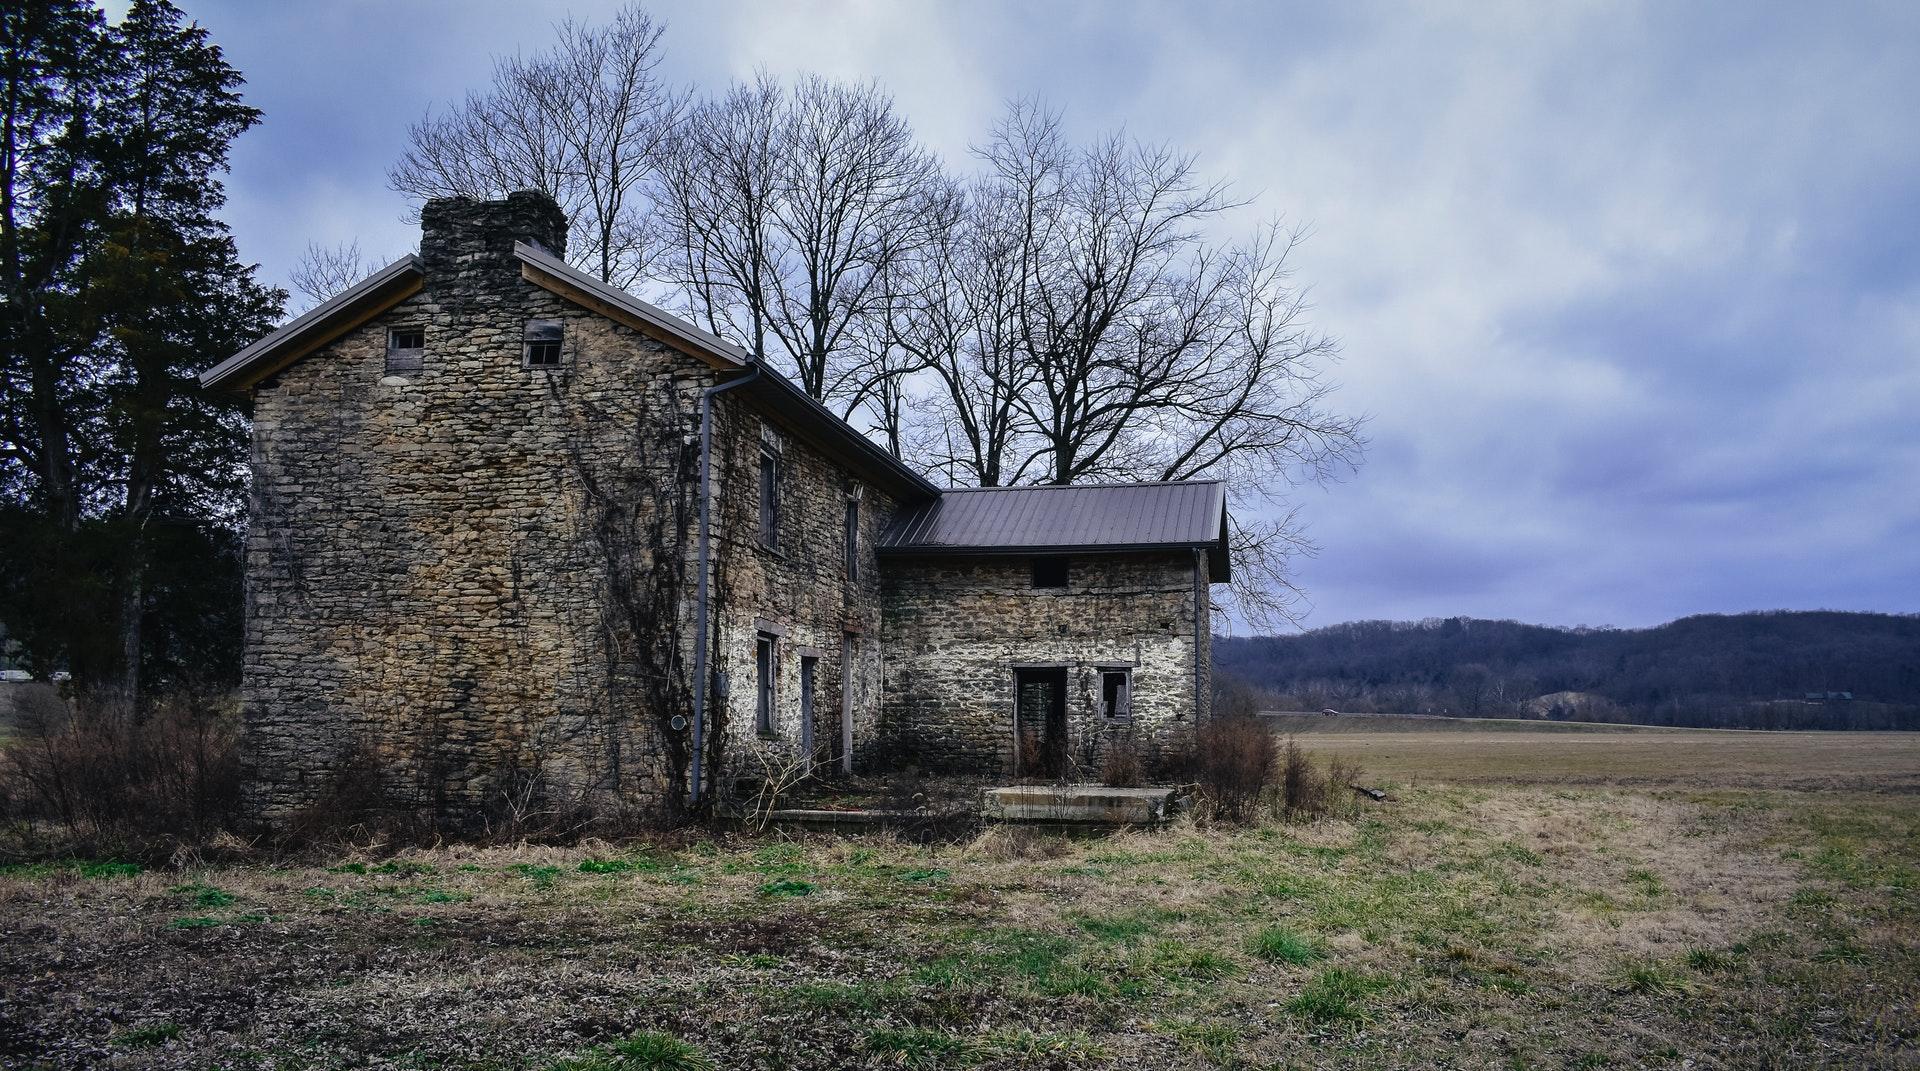 Derelict property